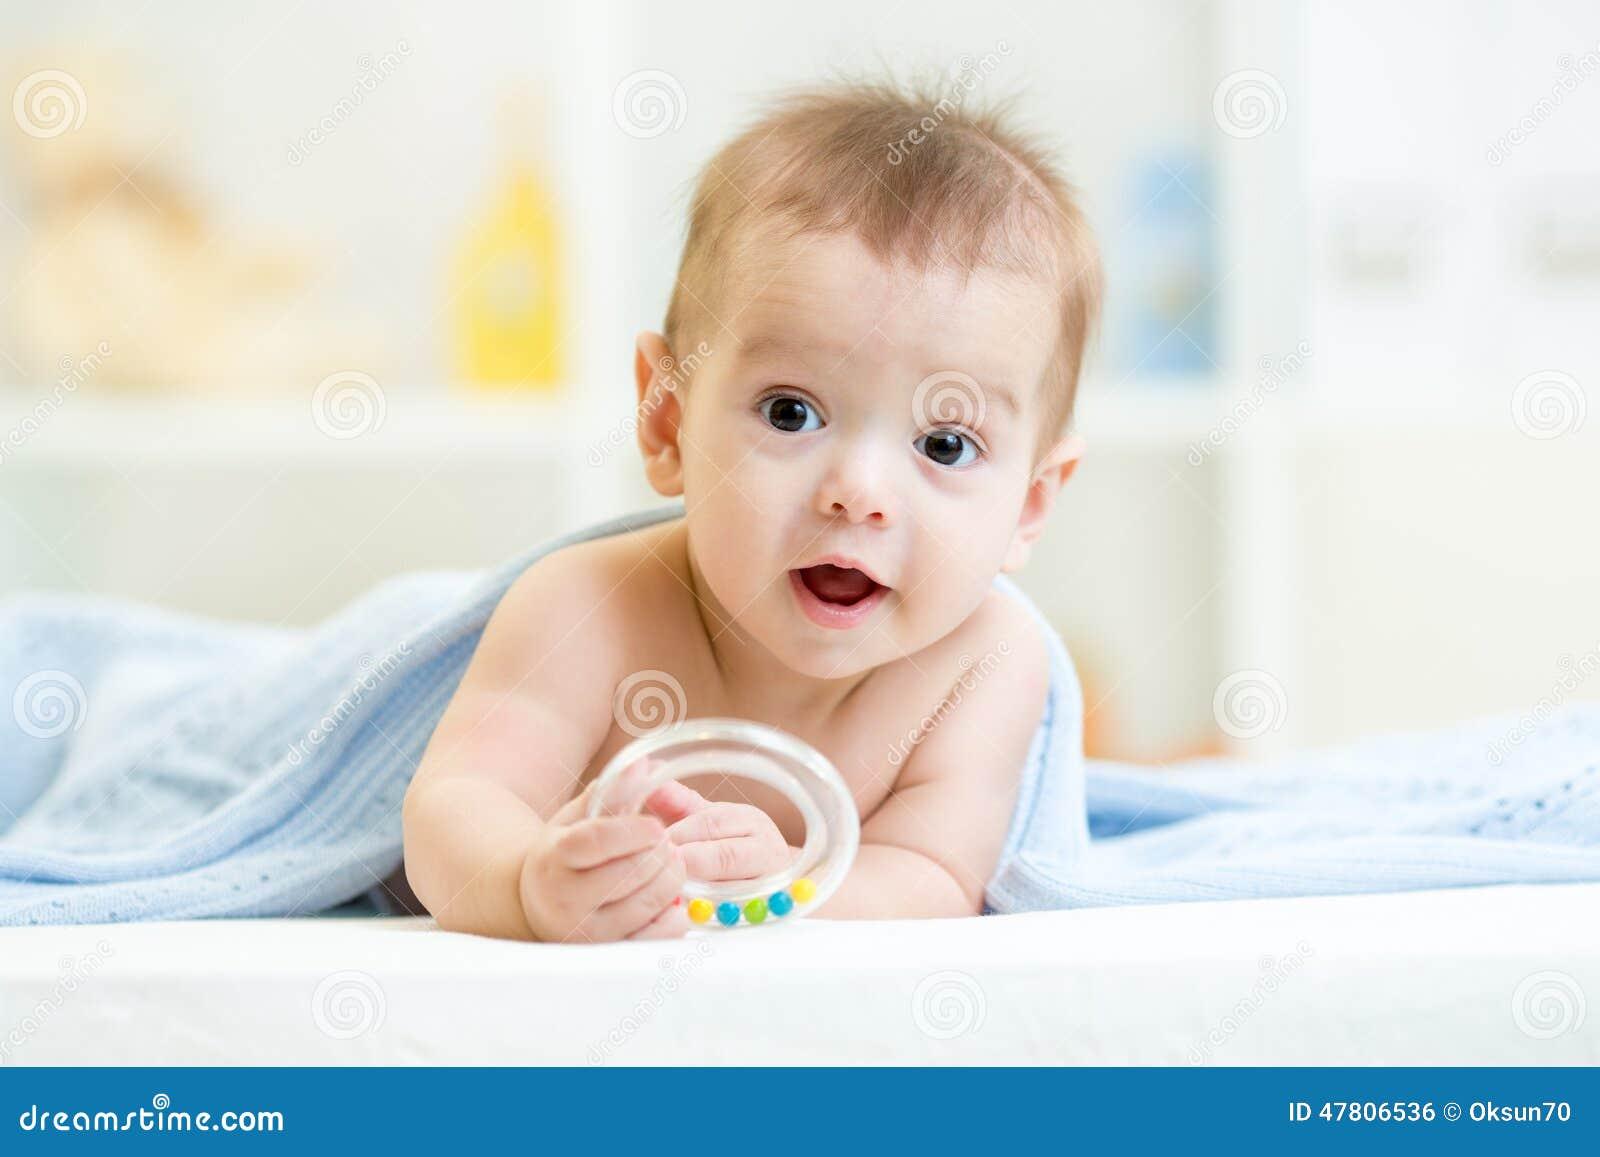 Baby with teether under blanket indoor